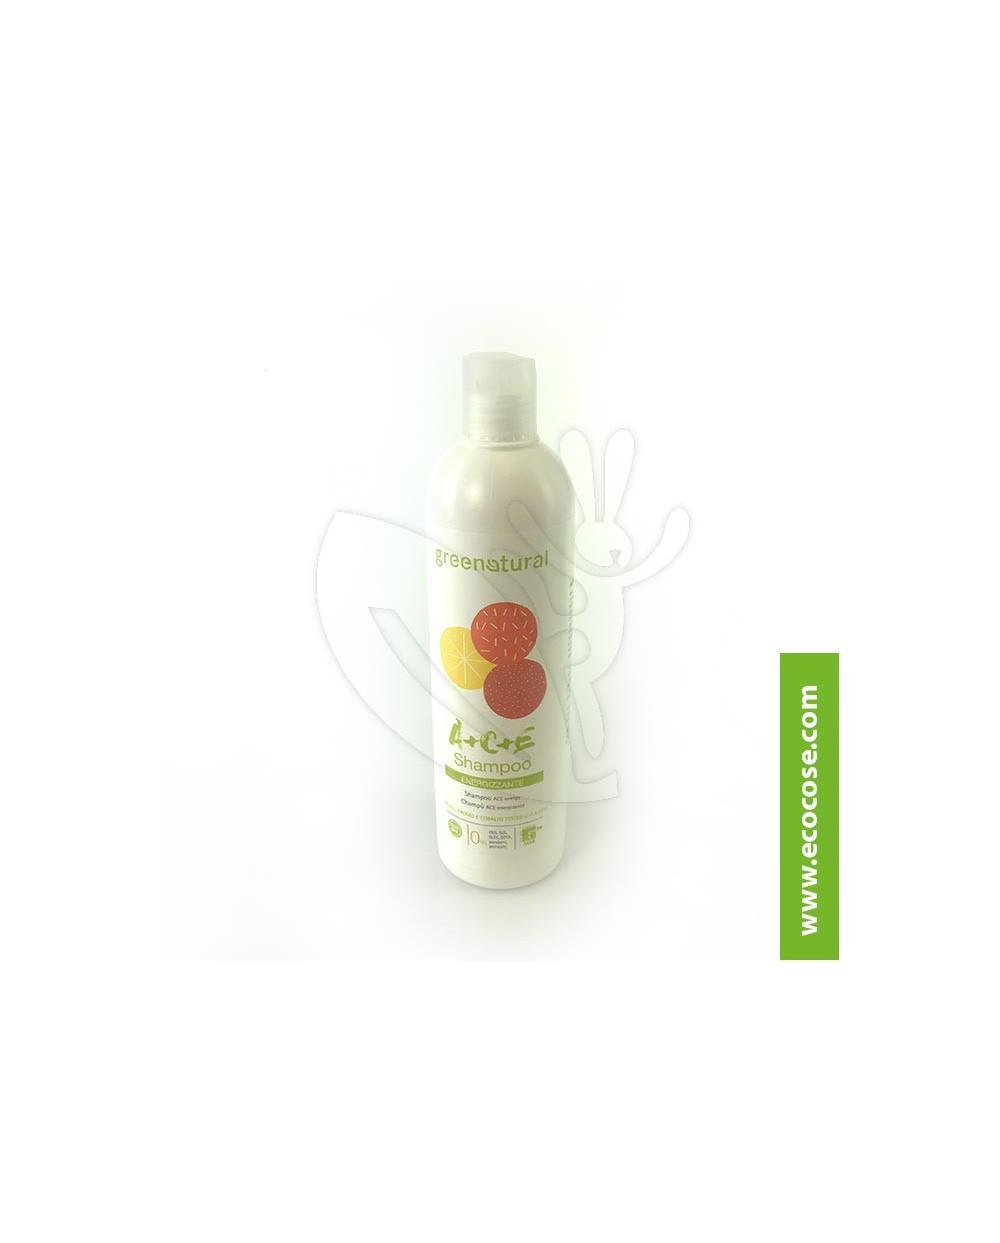 Greenatural - A+C+E - Shampoo energizzante